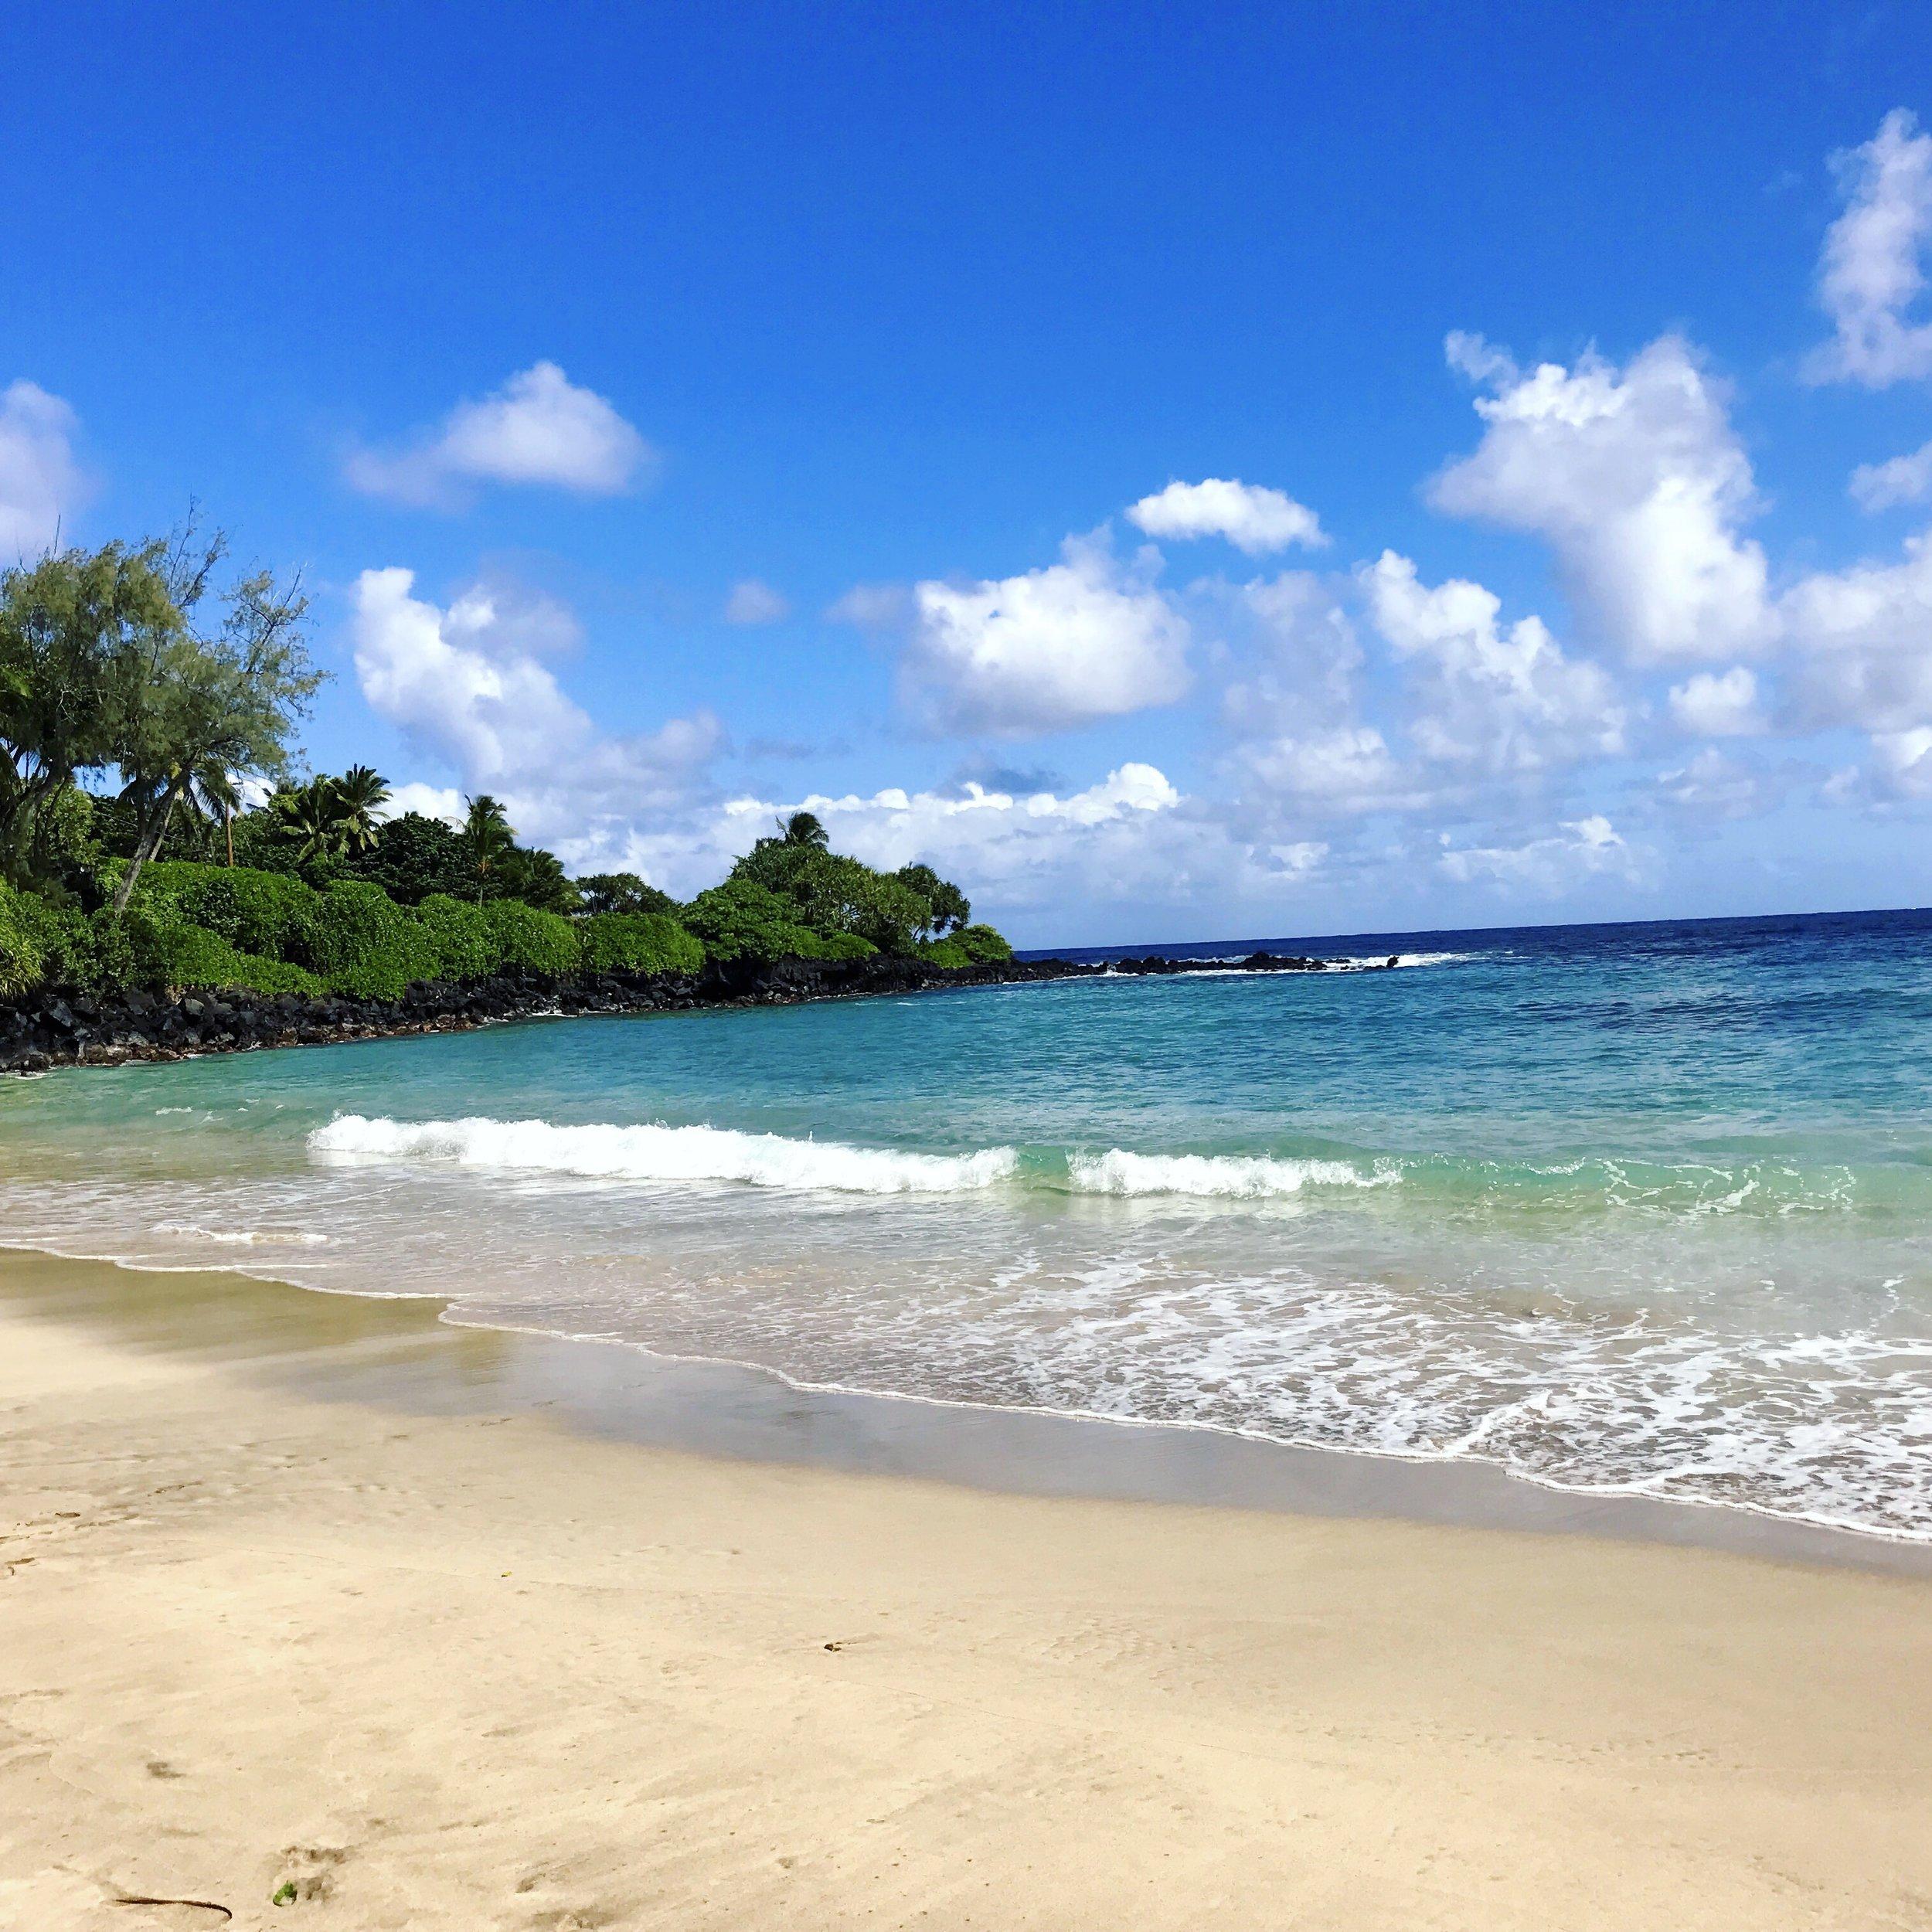 Road to Hana - Maui Hawaii Beach